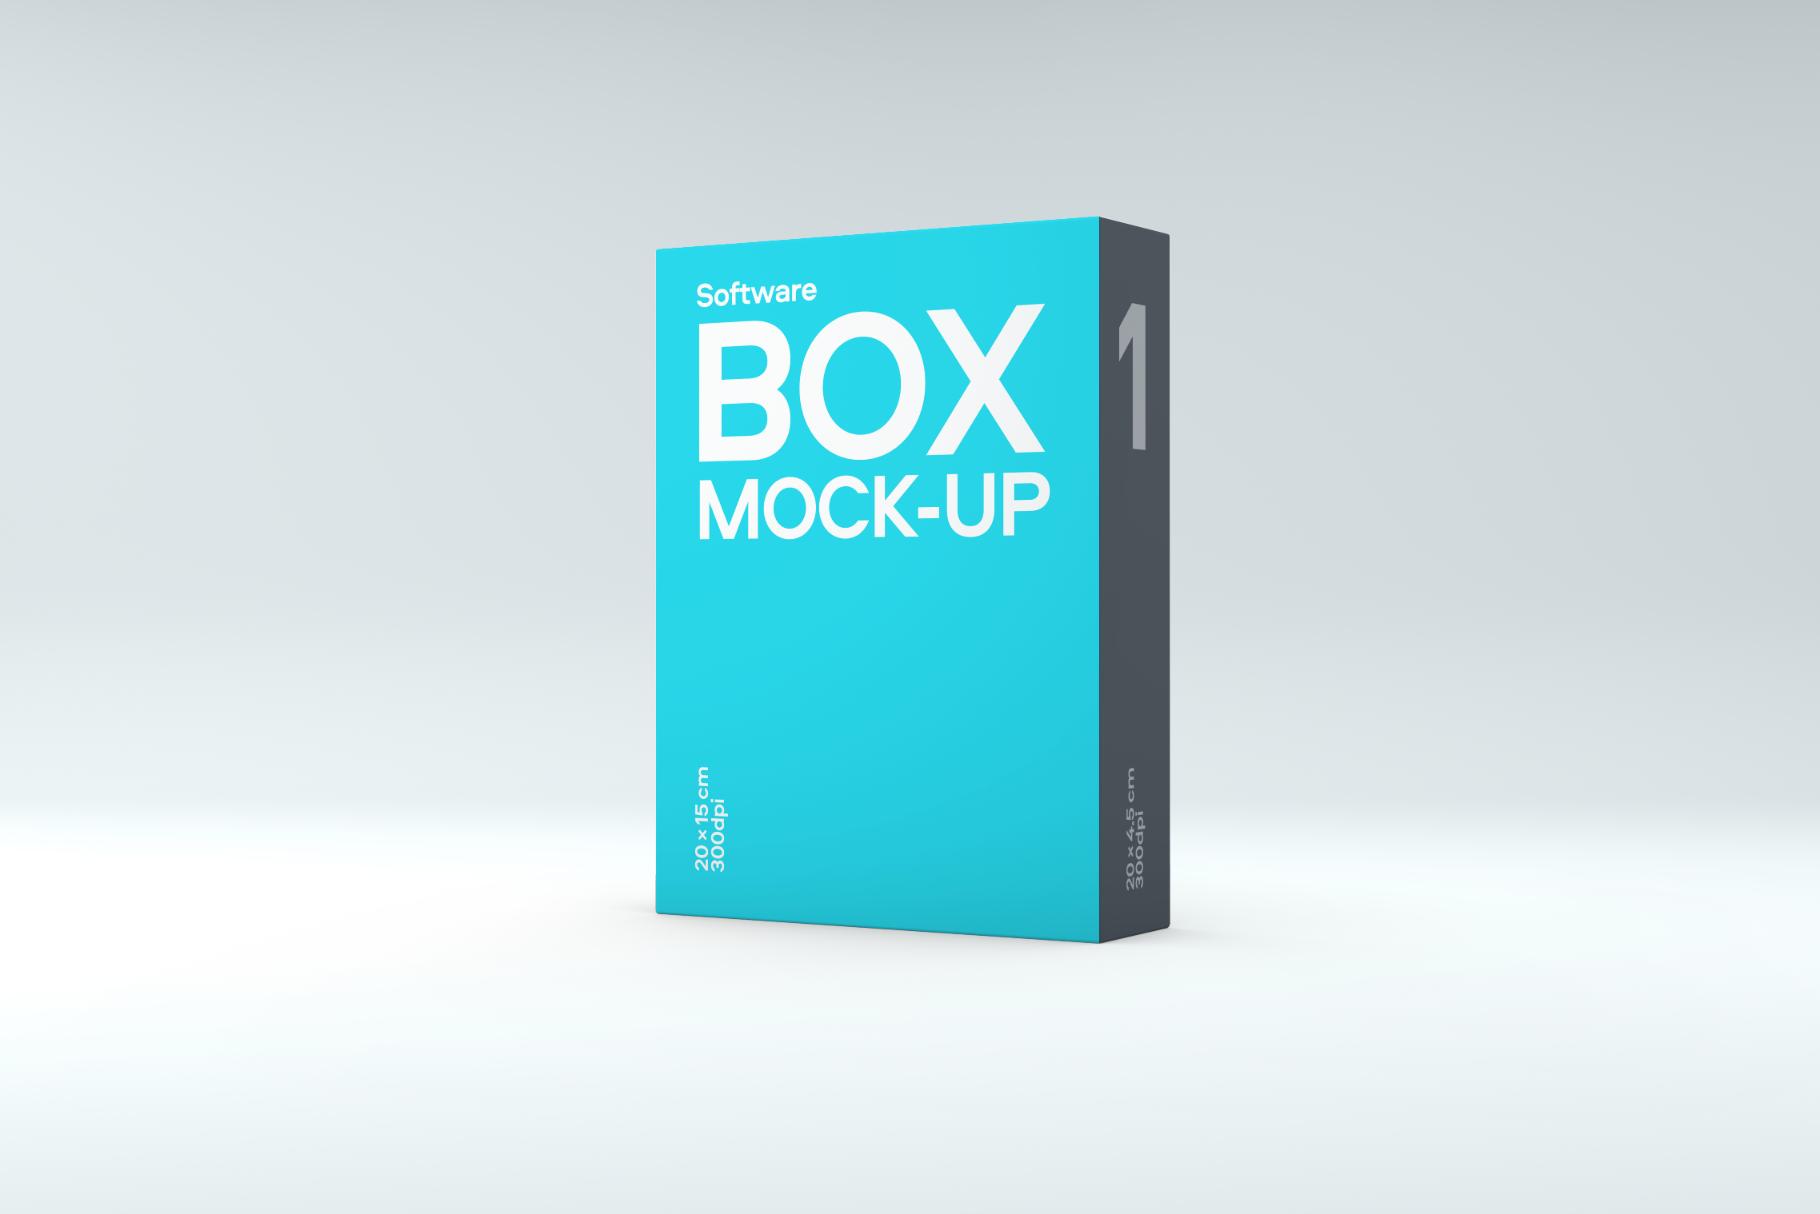 Software Box Mockup example image 4